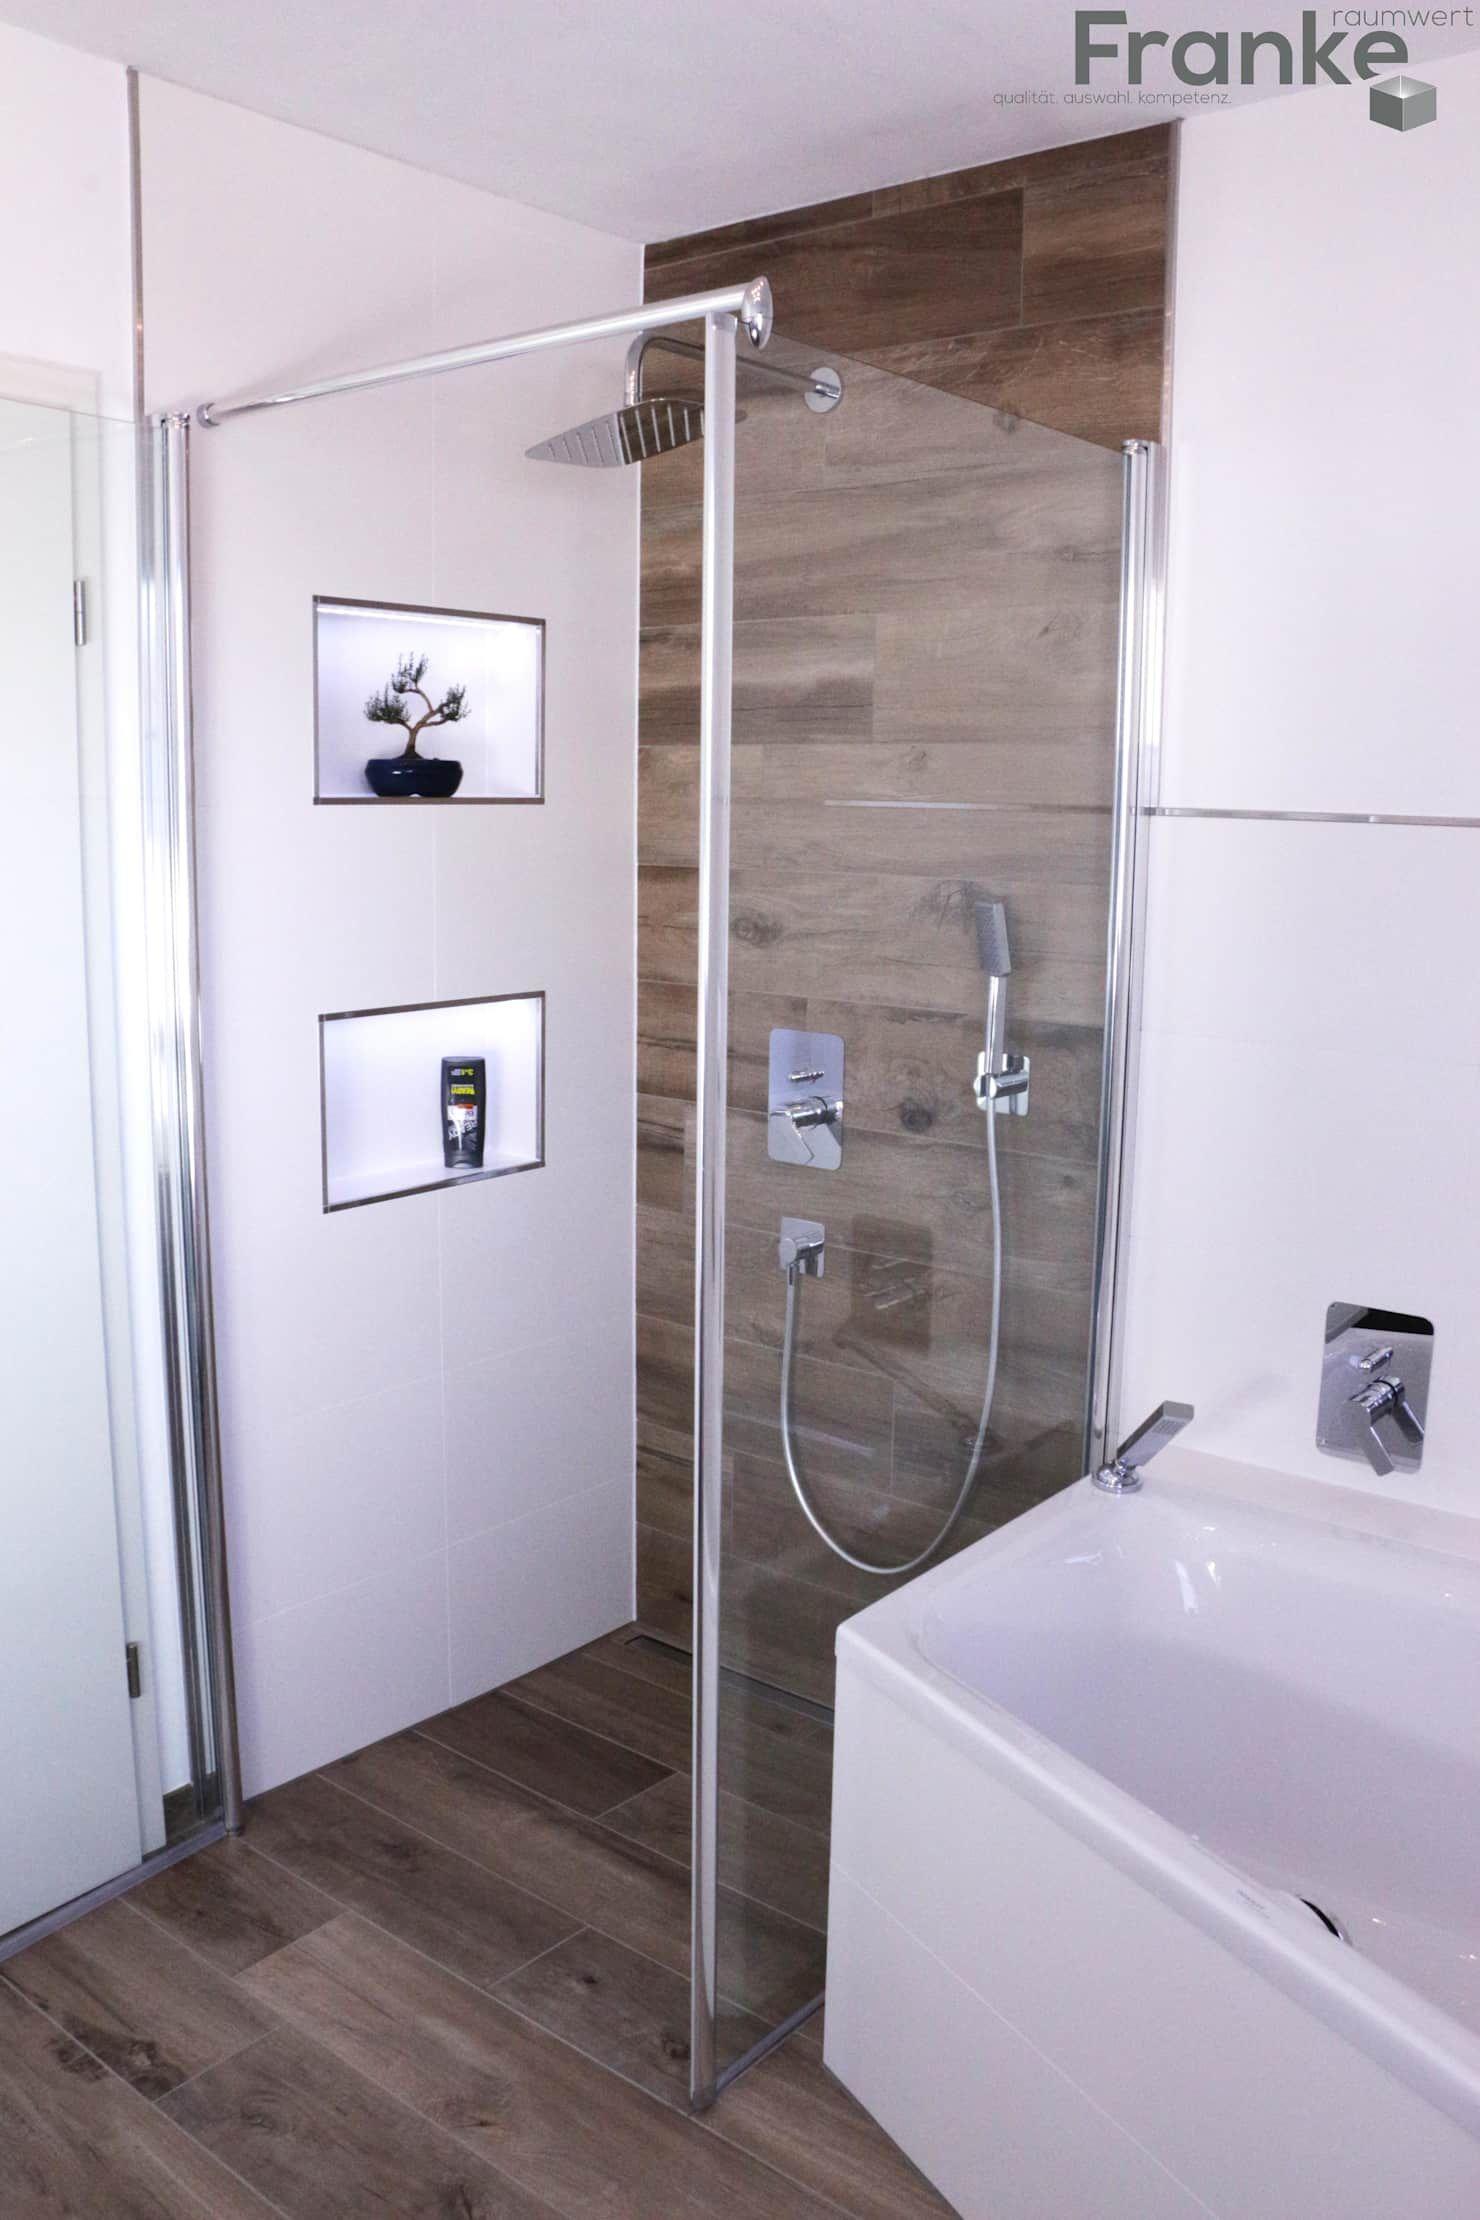 Badezimmer in einer modernen holzoptik moderne badezimmer von elmar franke fliesenlegermeisterbetrieb e.k. modern fliesen | homify